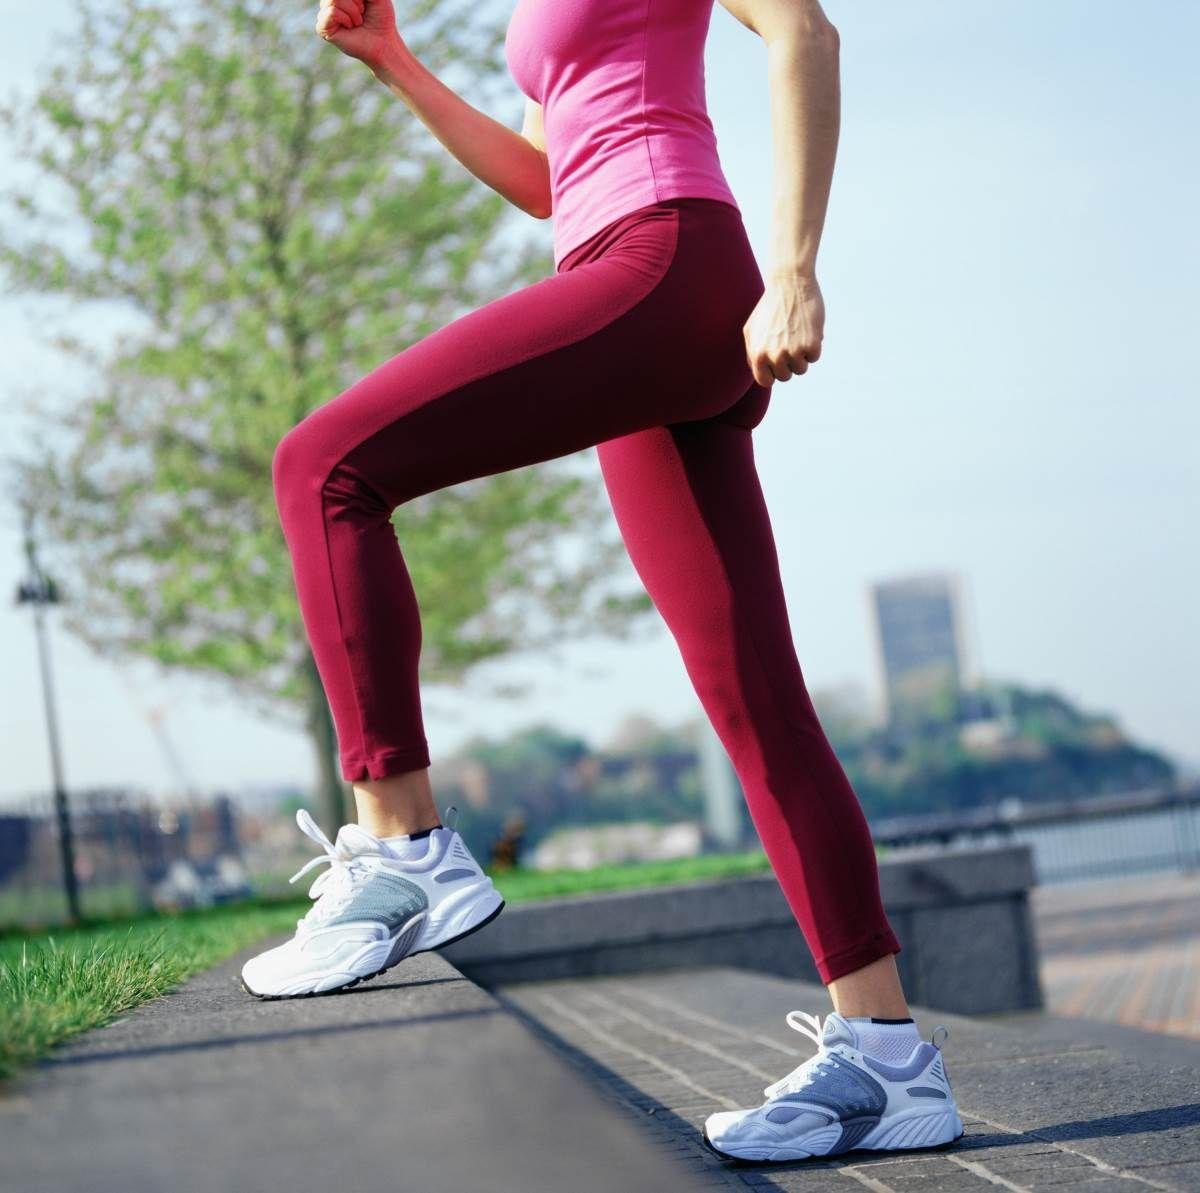 Ходьба Для Похудения Икр Ног. Как уменьшить икры на ногах для девушек в объеме. Эффективные упражнения